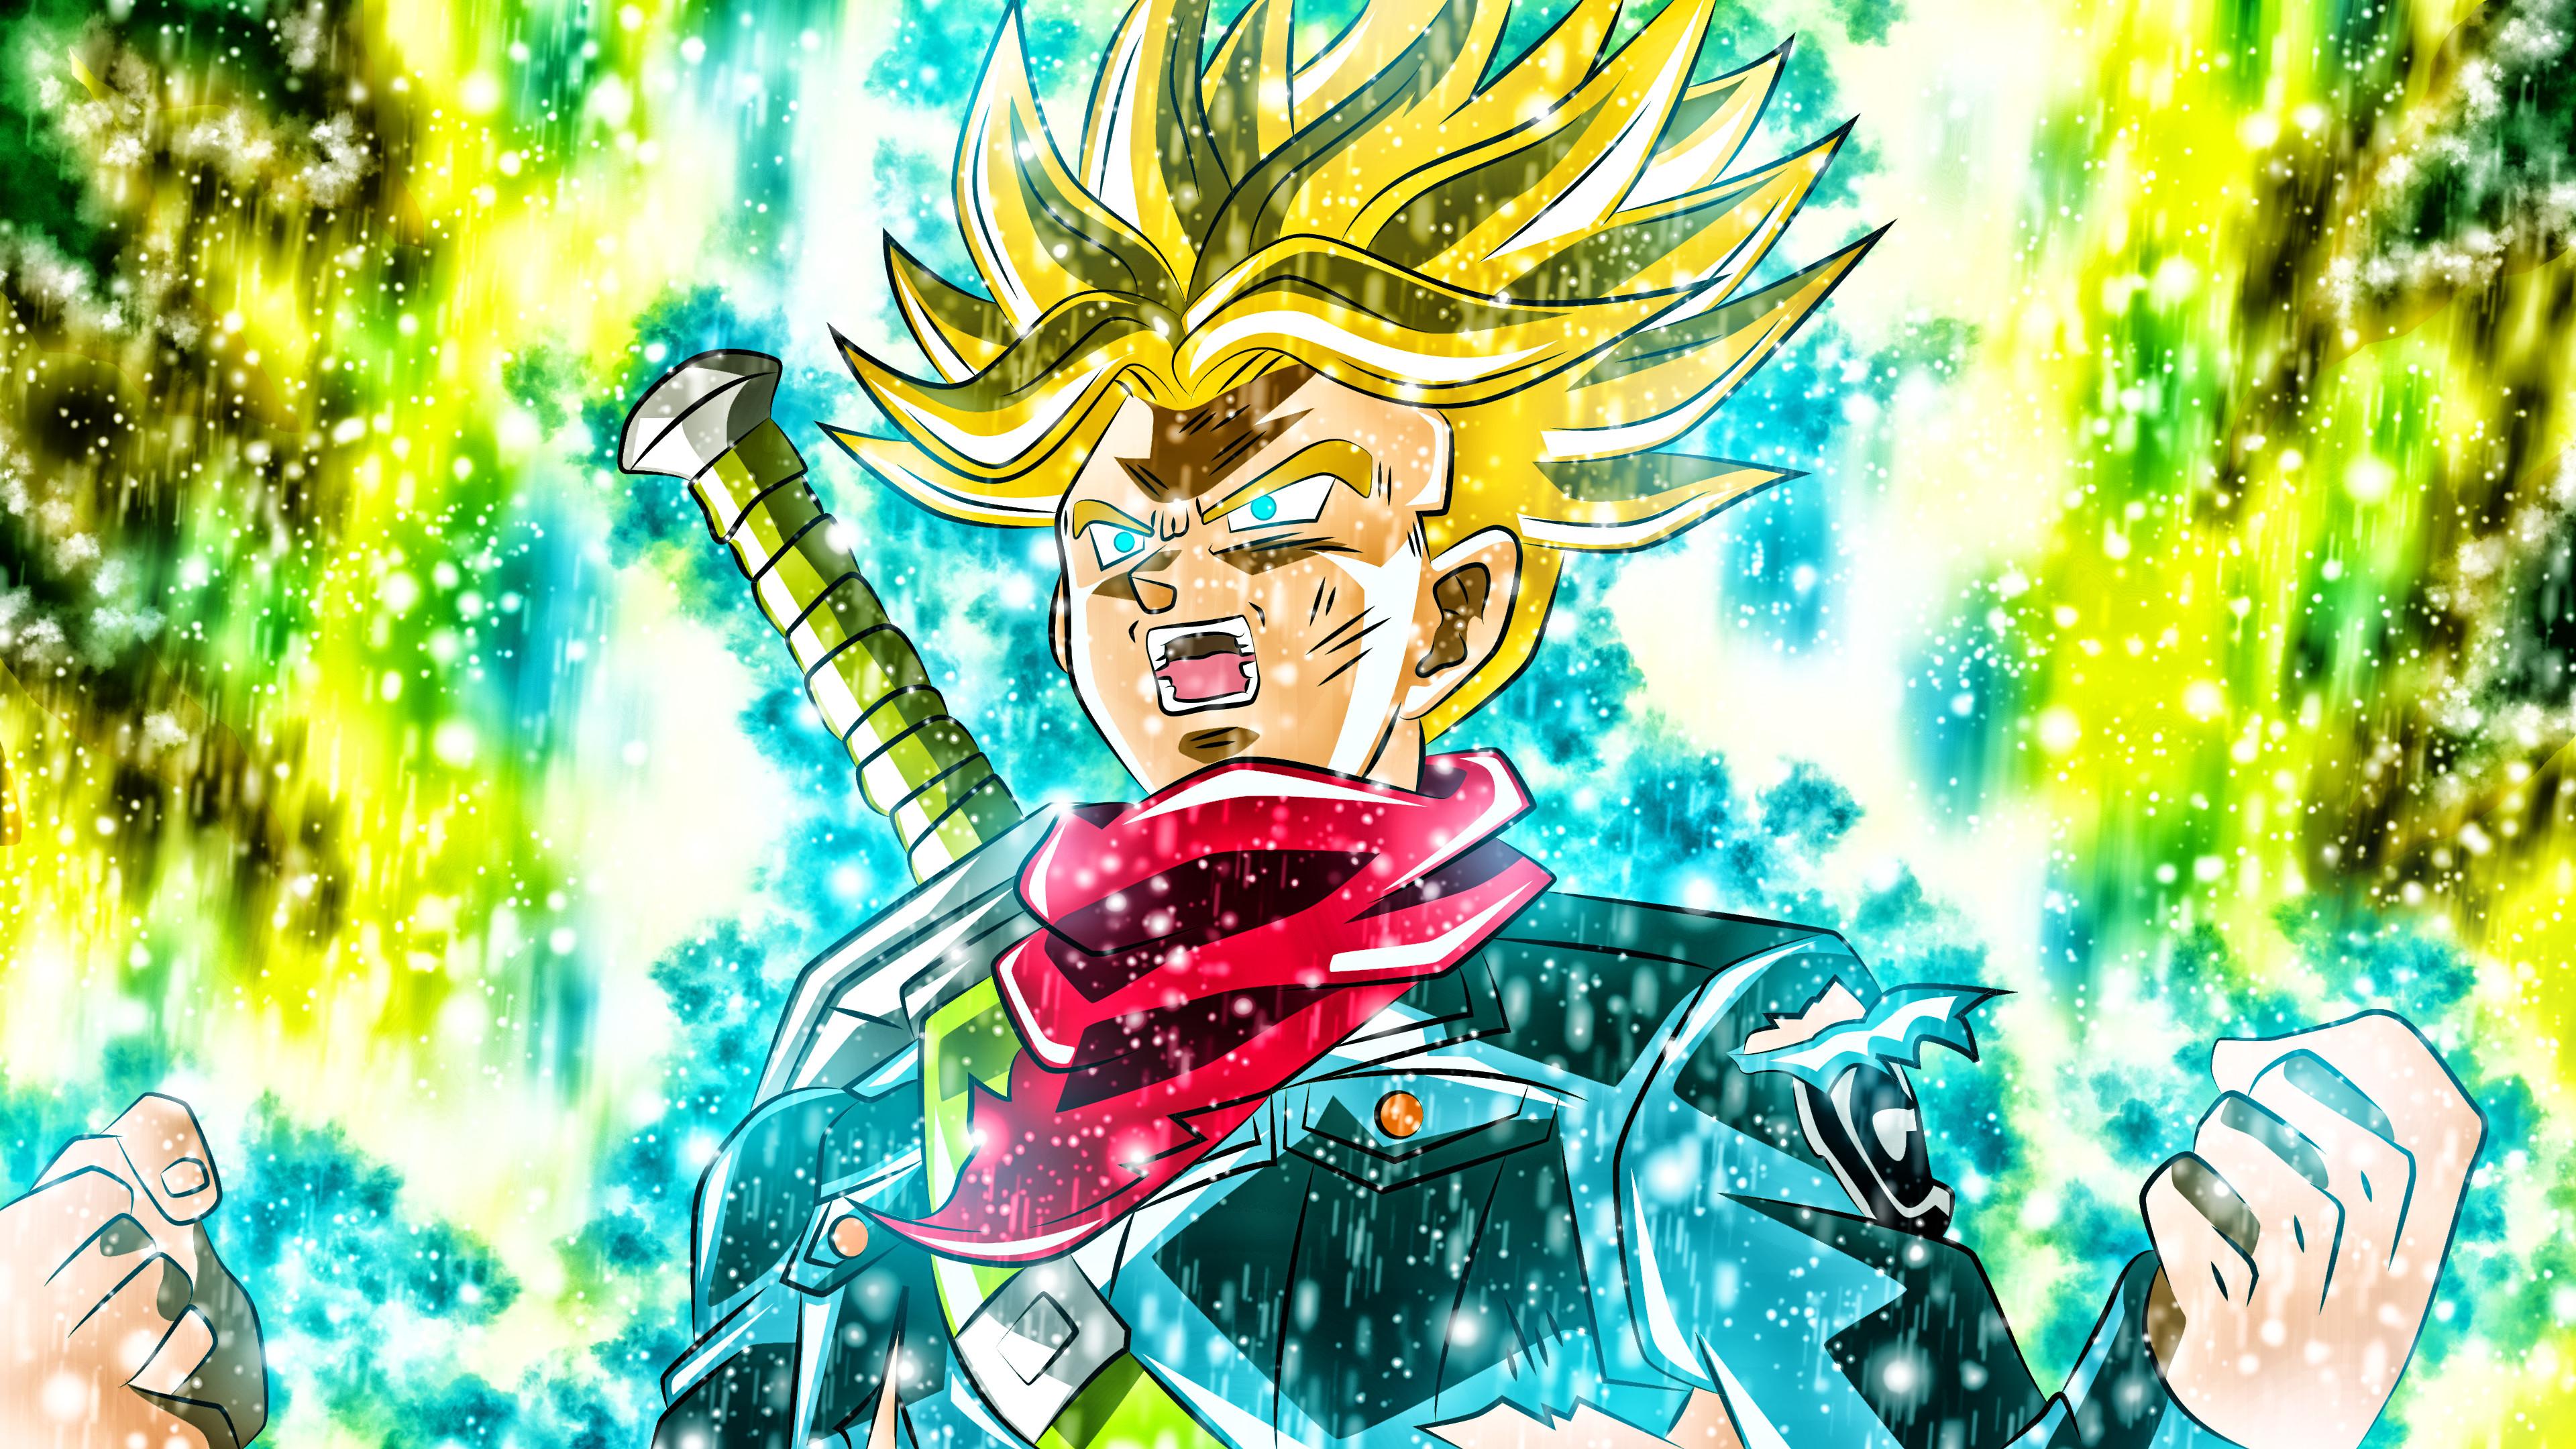 Goku vs broly wallpaper 61 images - Dragon ball super wallpaper ...